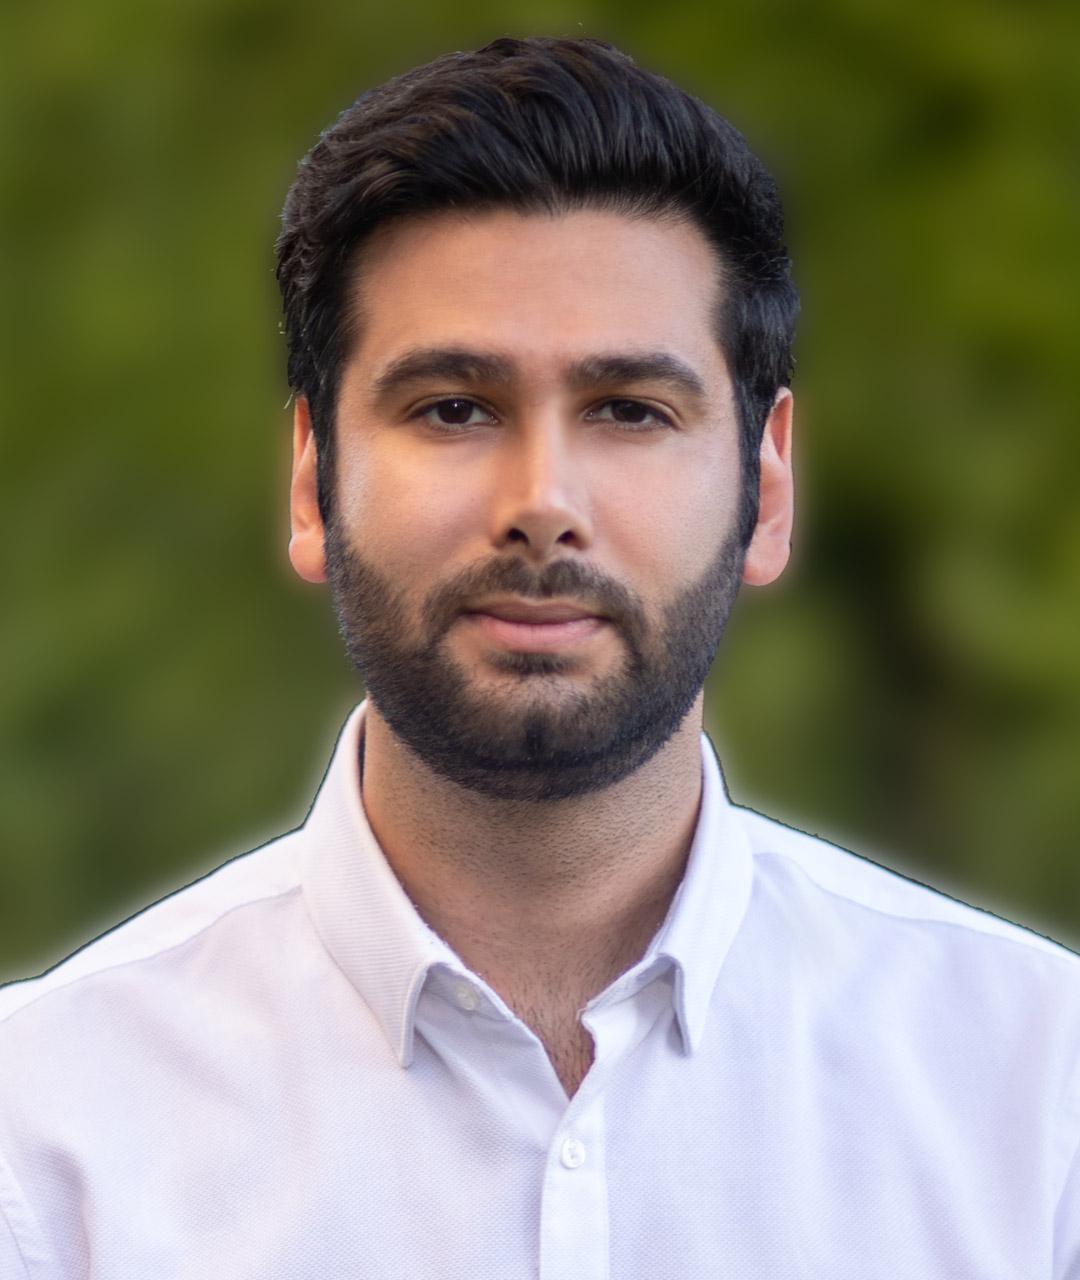 Amir Aghaei